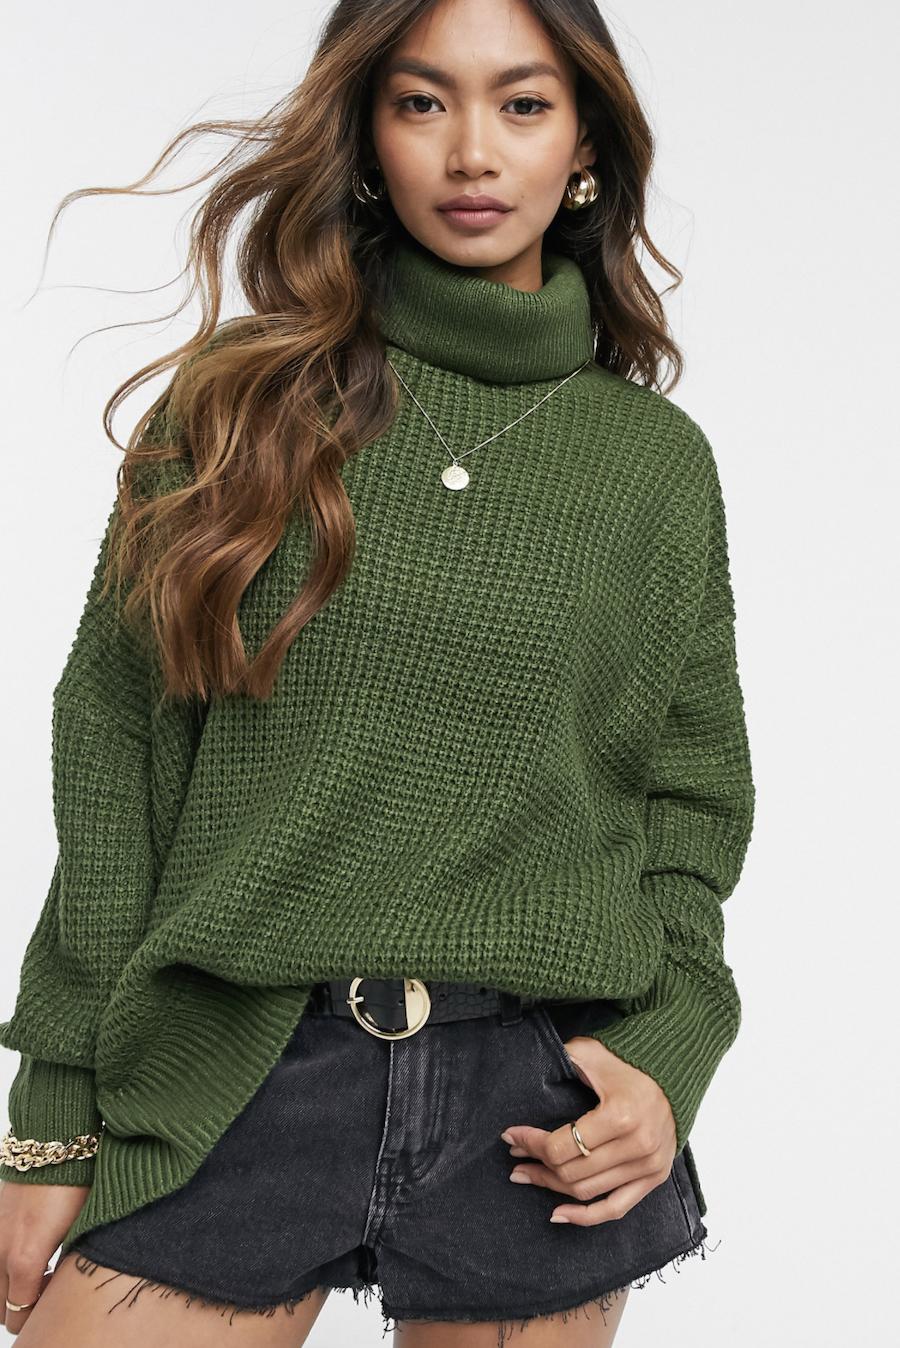 Jersey de cuello alto de punto grano de arroz en verde oscuro de Vero Moda